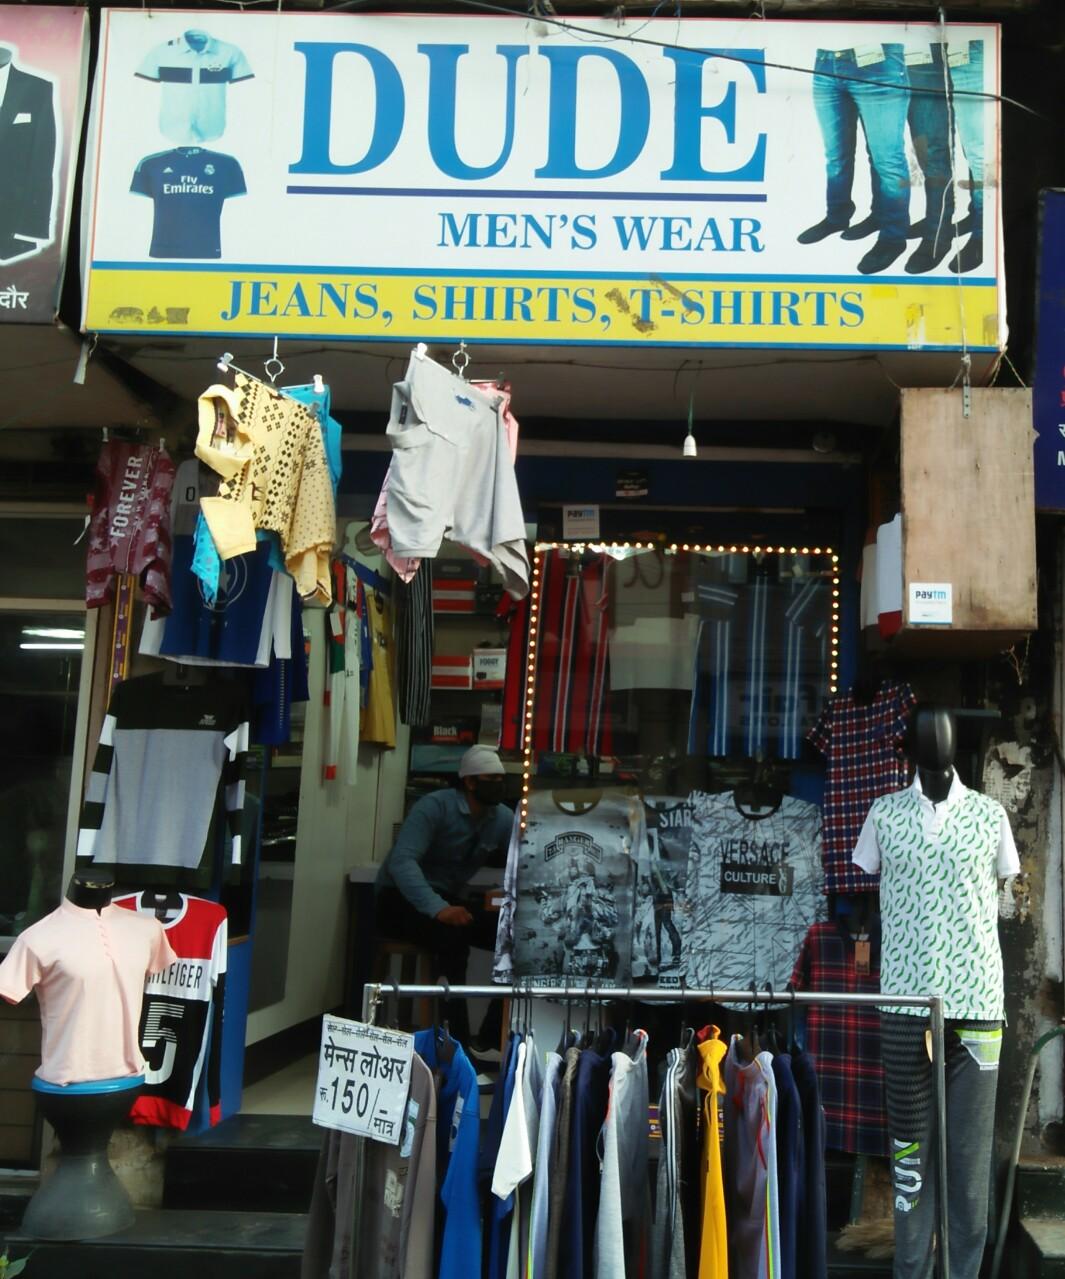 Dude man's wear